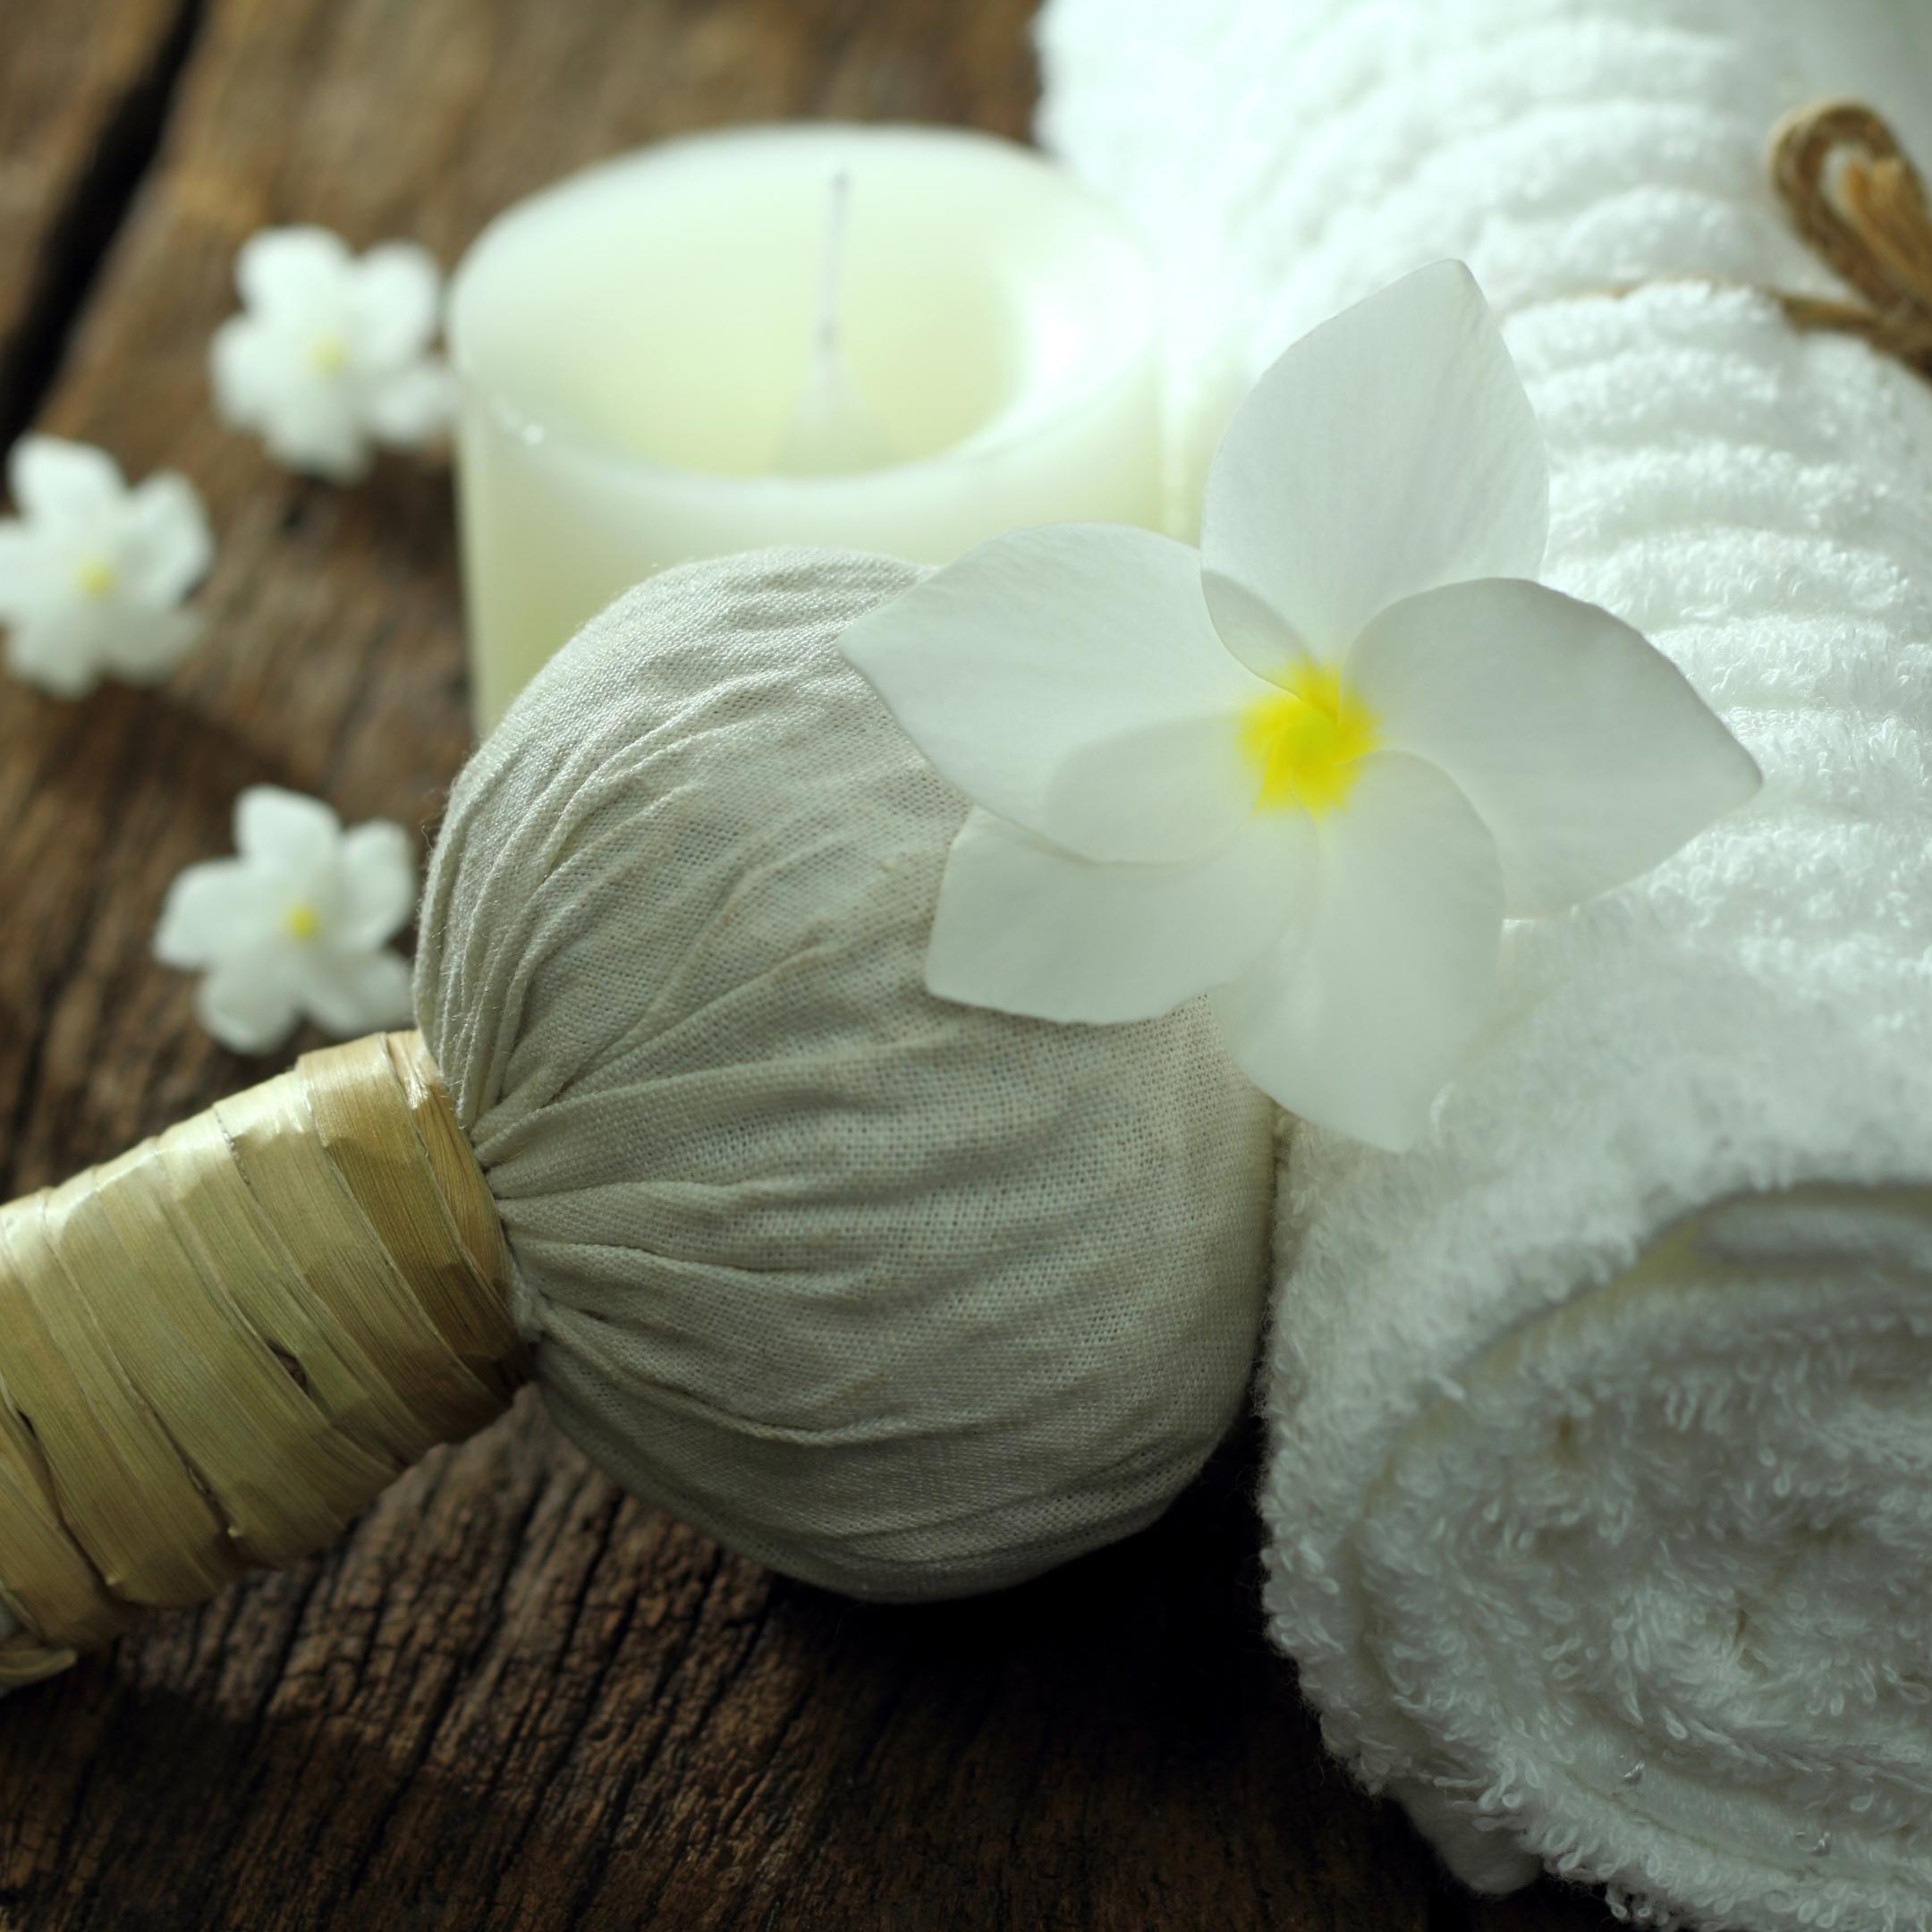 Luk Pra Kob (Herbal Ball Massage)